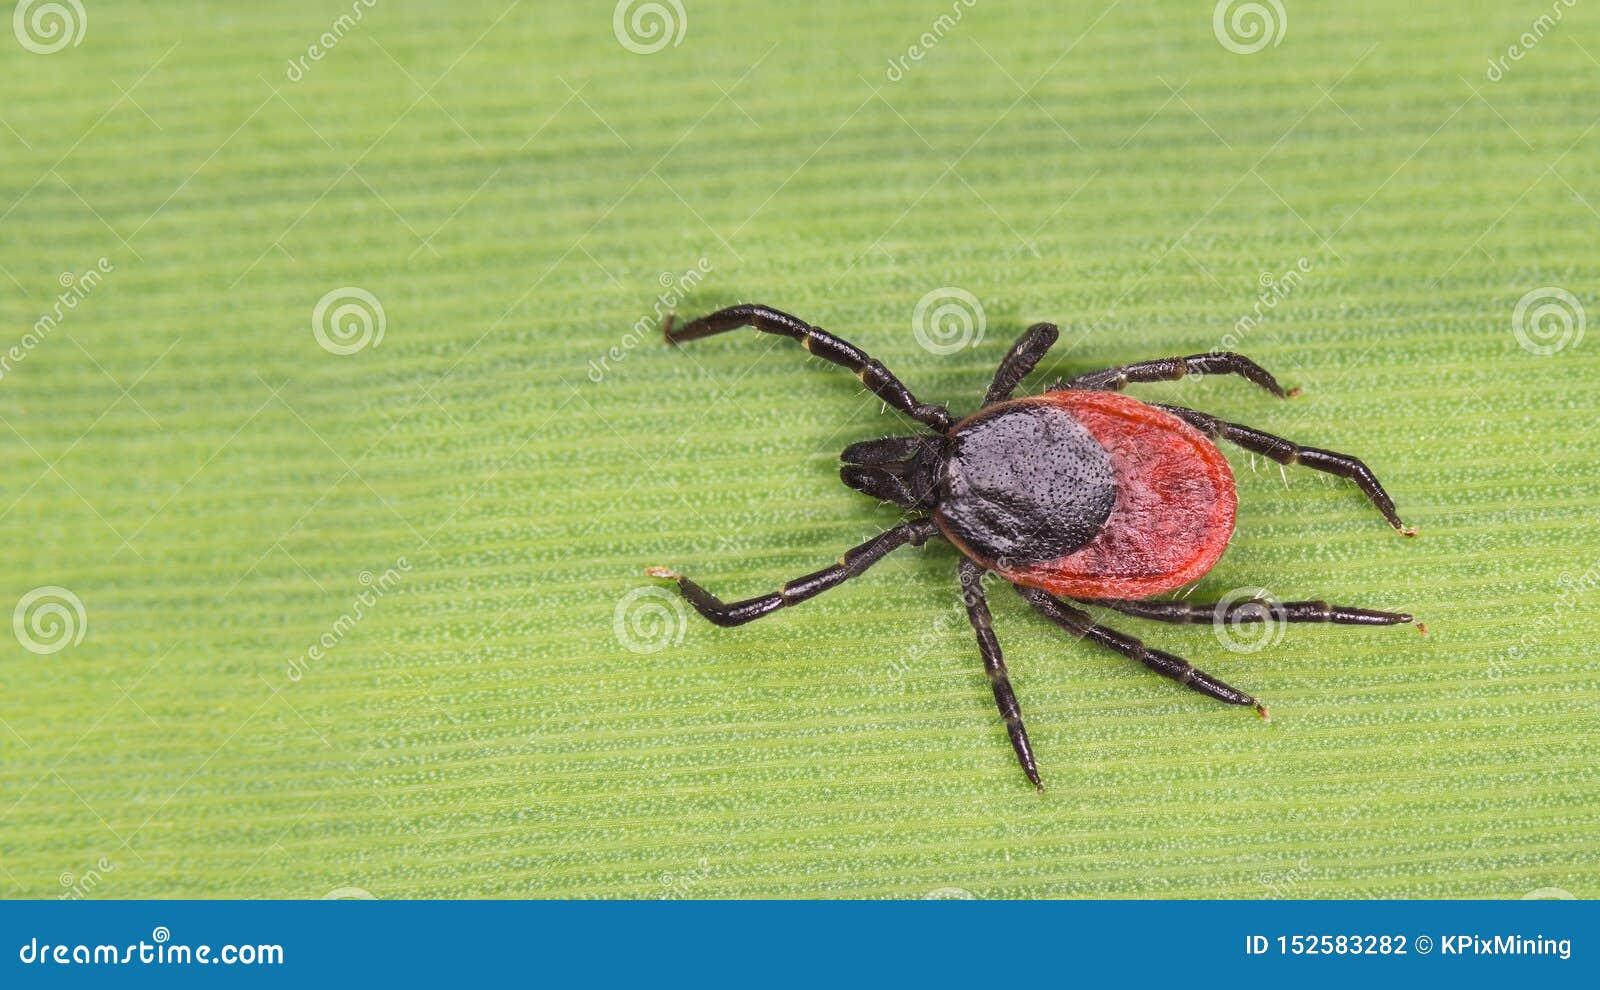 Ansteckende Rotwild ticken Detail Gefährliche Milbe Ixodes Ricinus Acari